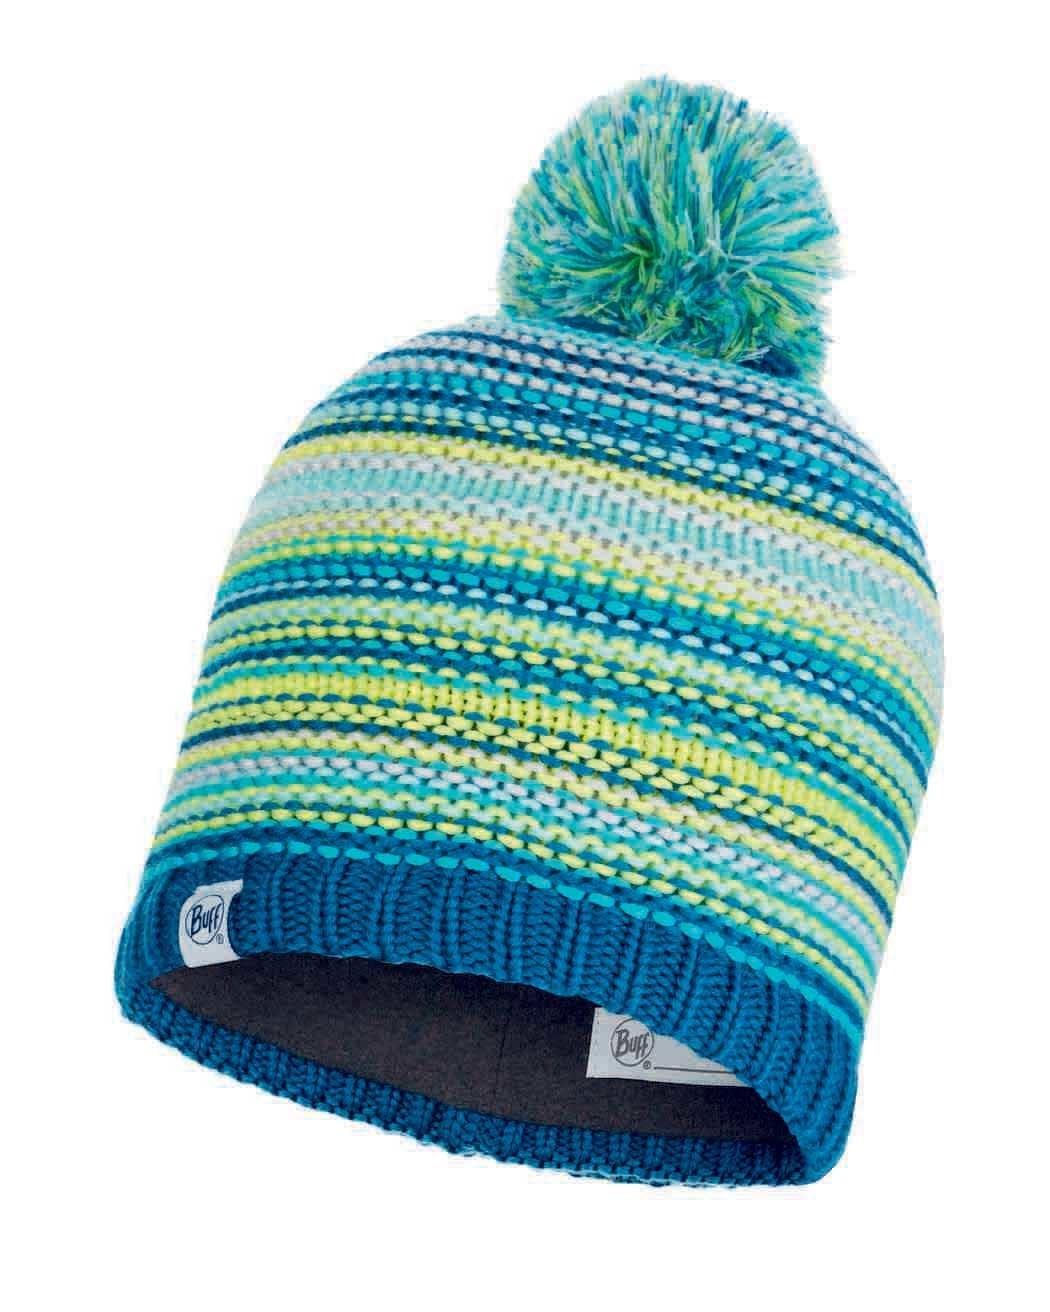 Детские шапки Вязаная шапка с флисовой подкладкой детская Buff Hat Knitted Polar Amity Turquoise Jr 113533.789.10.00.jpg